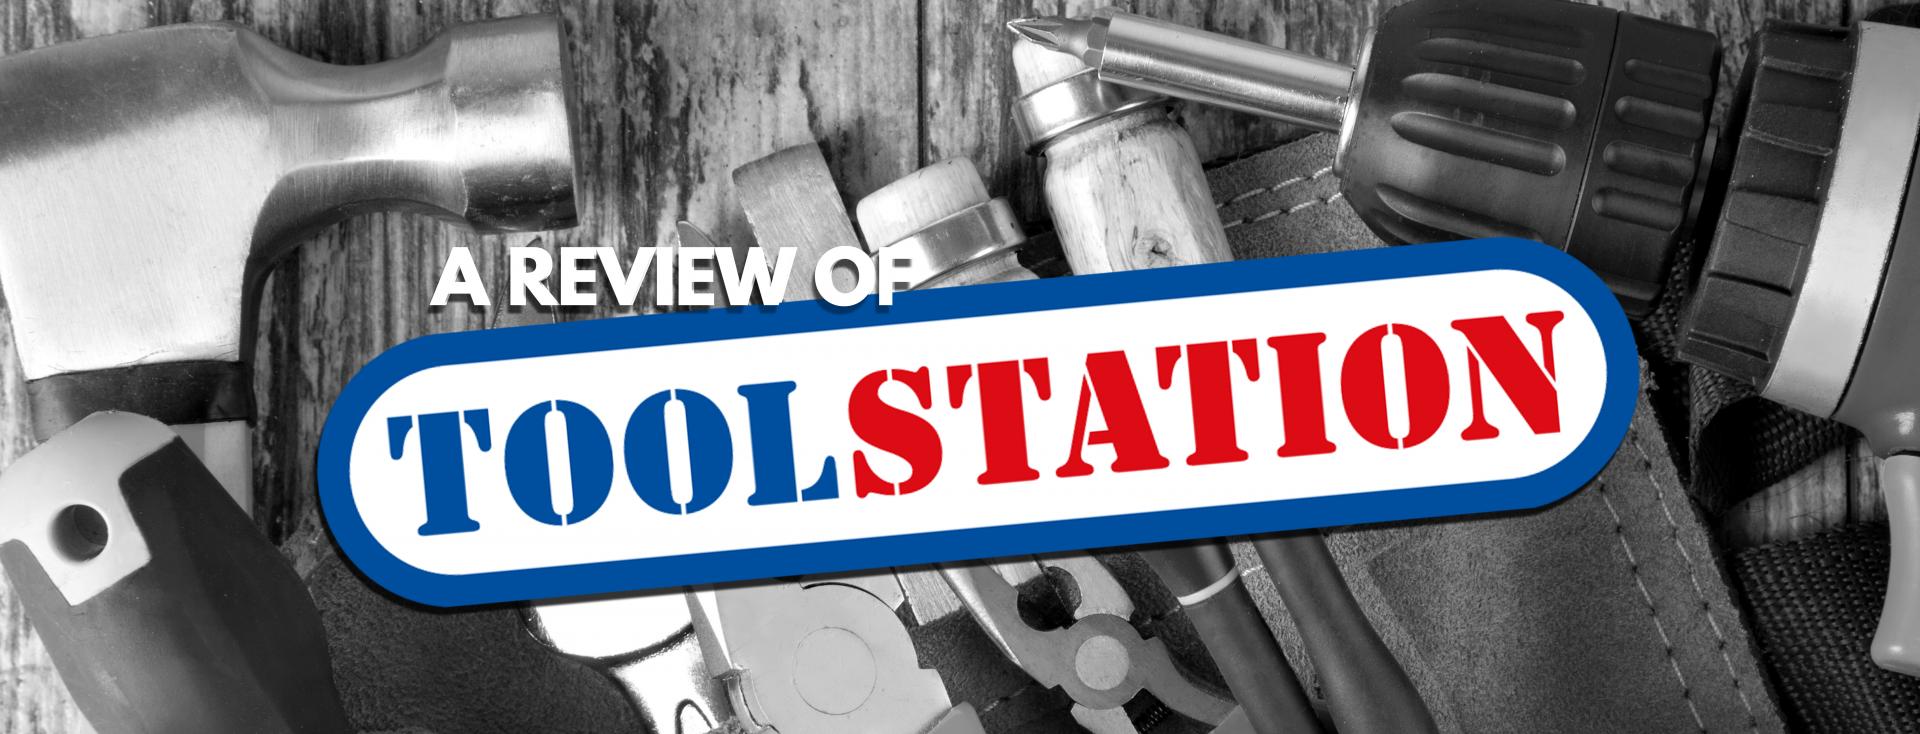 Toolstation.com UK Review for Tradesmen + Tool Station ...  Toolstation.com